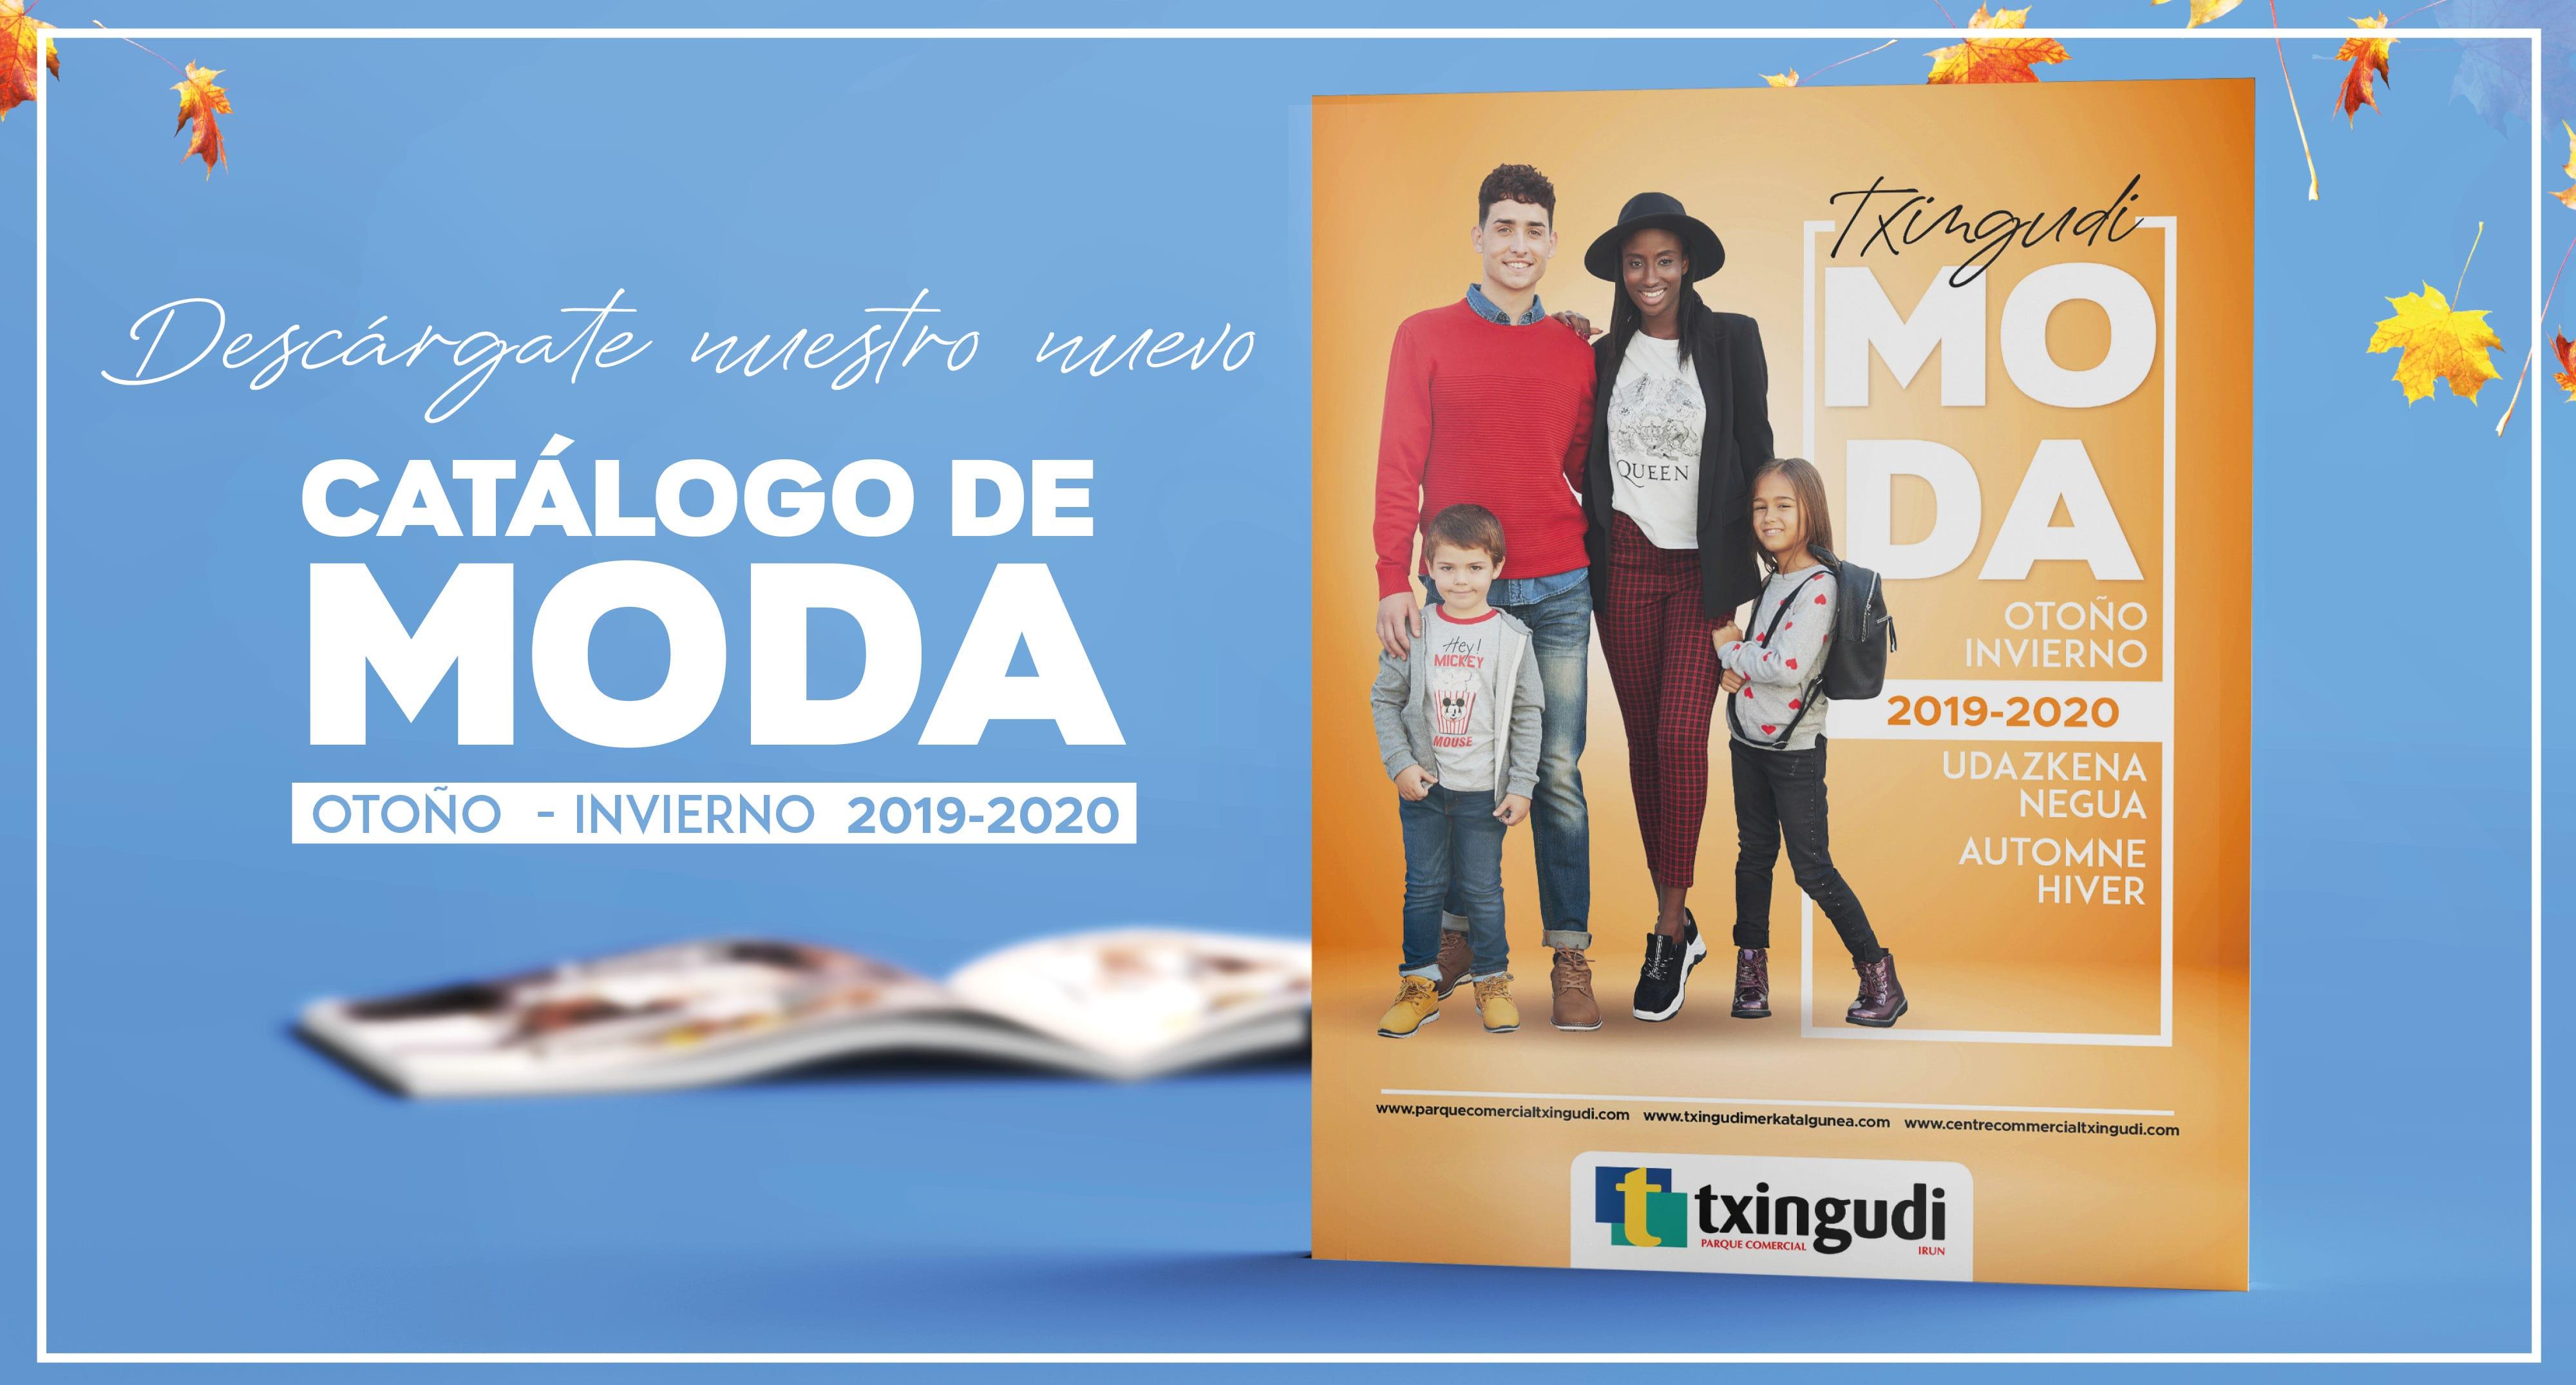 ¡Ya está disponible online nuestro catálogo de moda Otoño - Invierno 2019/20!